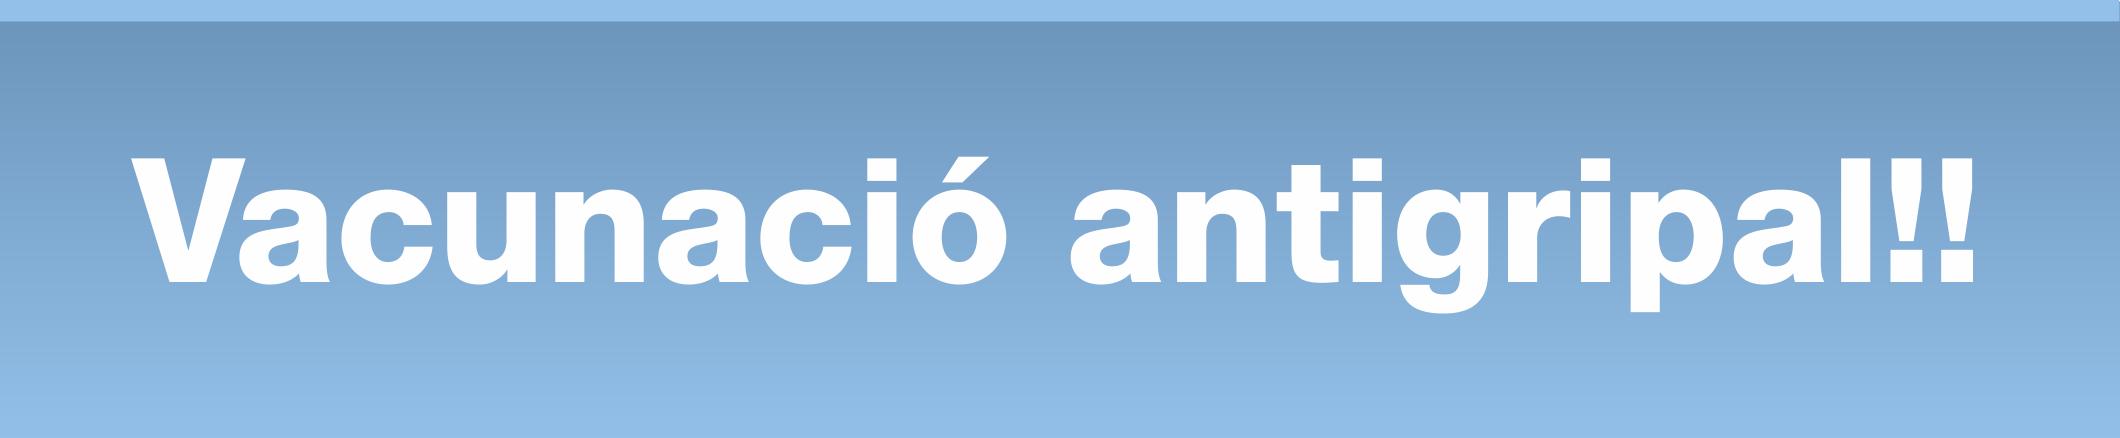 Banner vacunacio